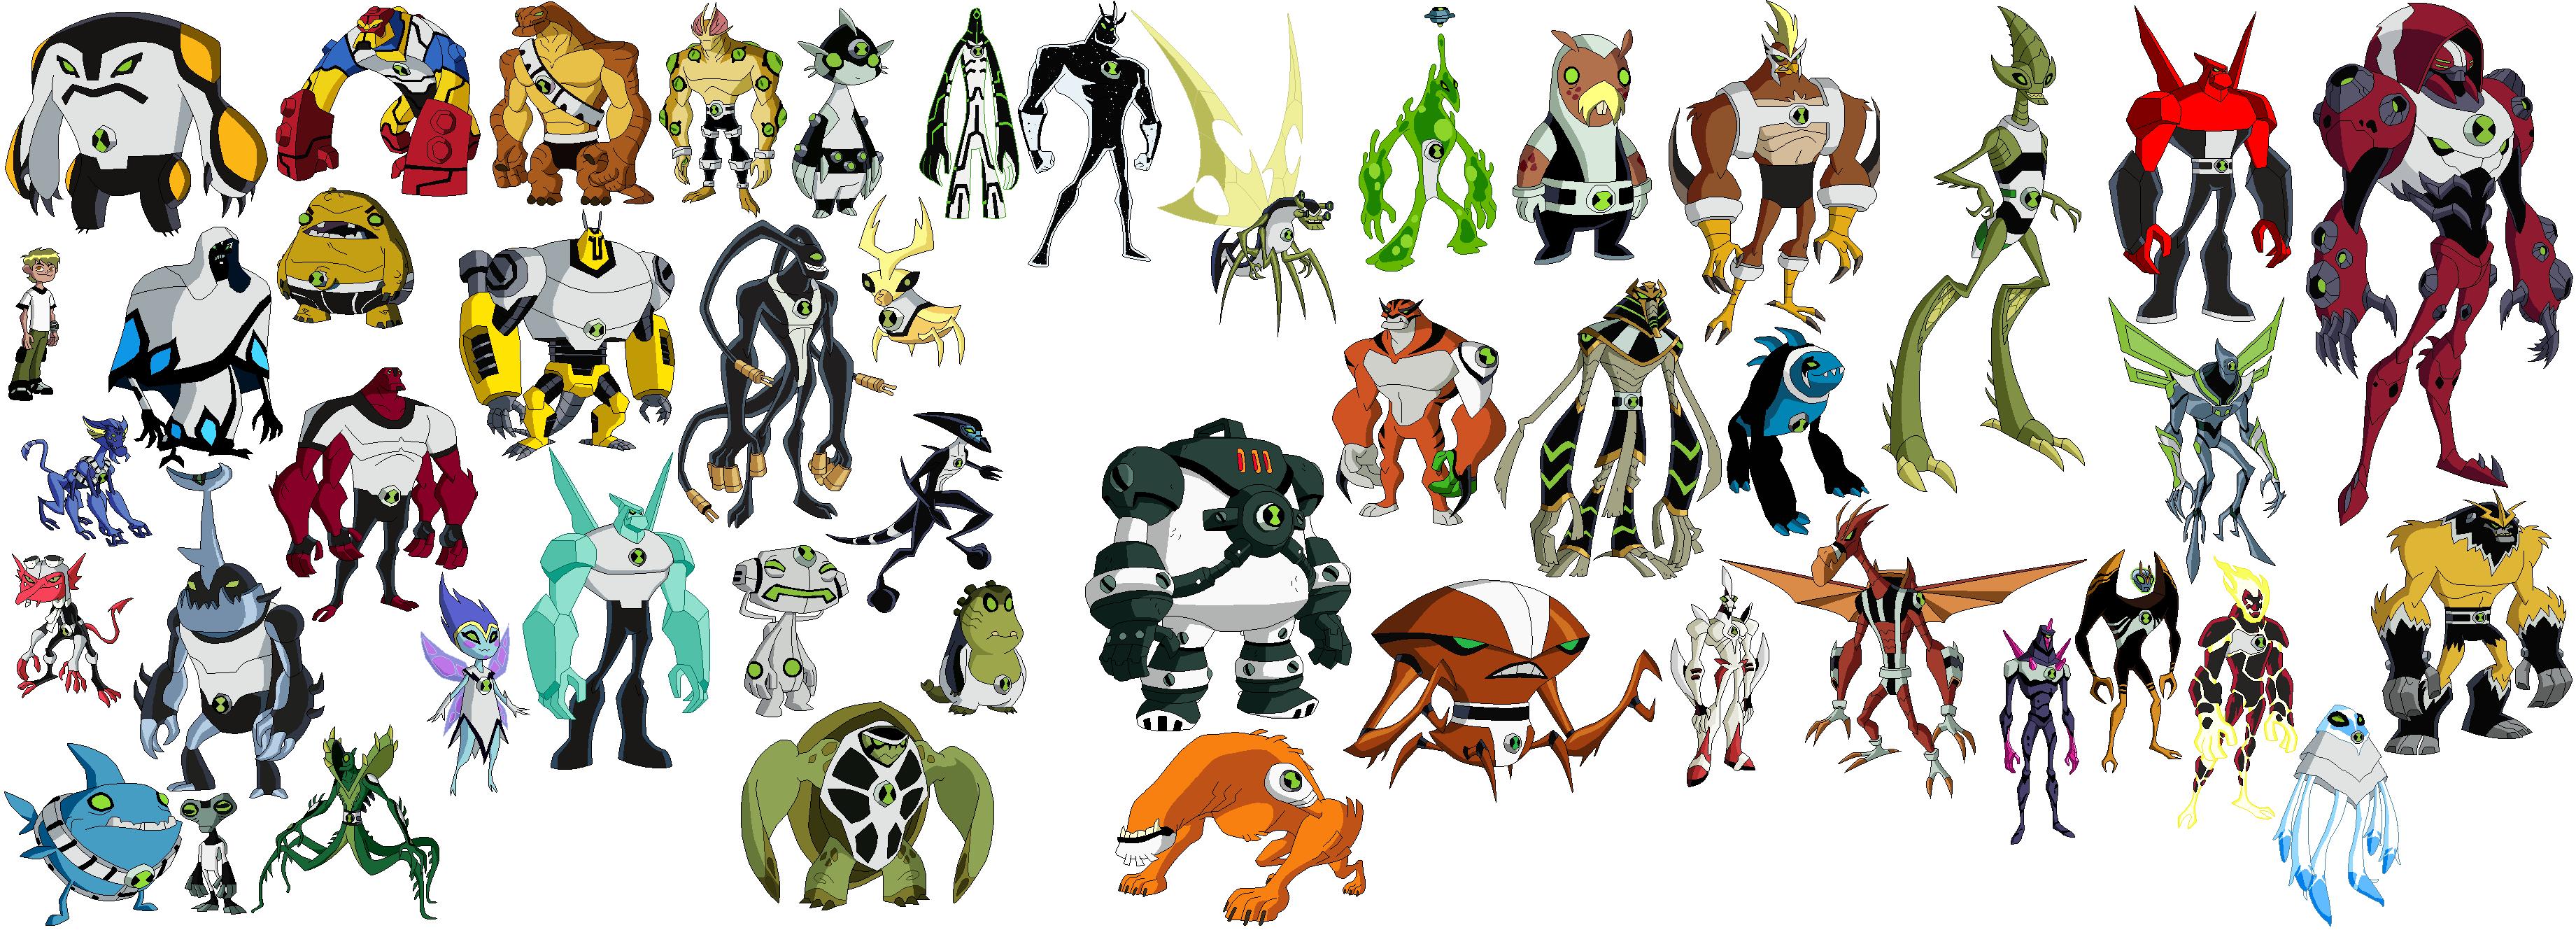 czeshop images ben 10 omniverse all aliens list